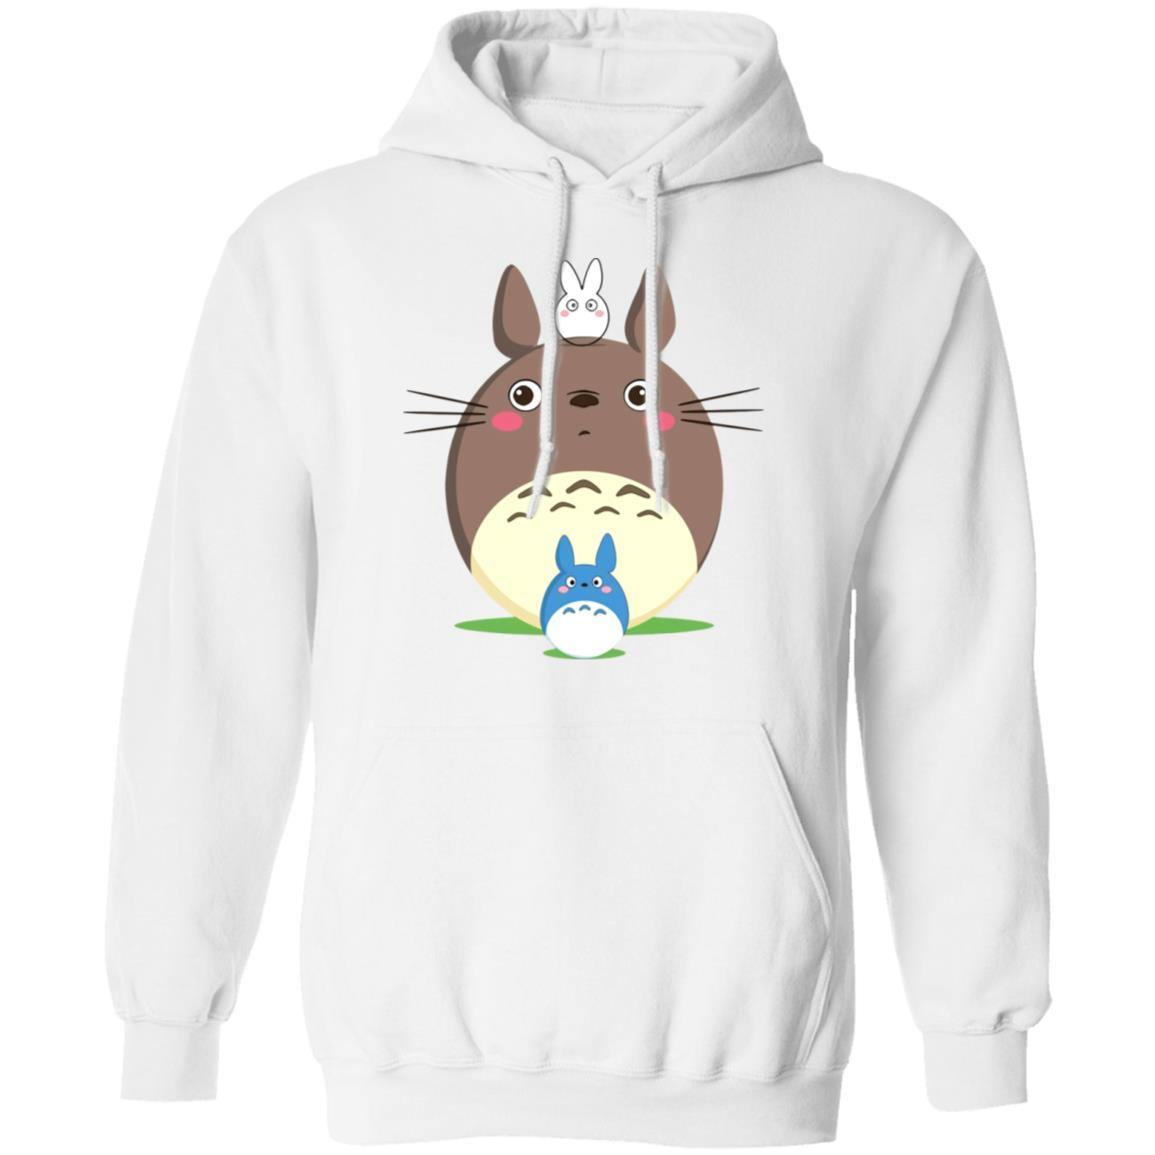 Circle Totoro Hoodie